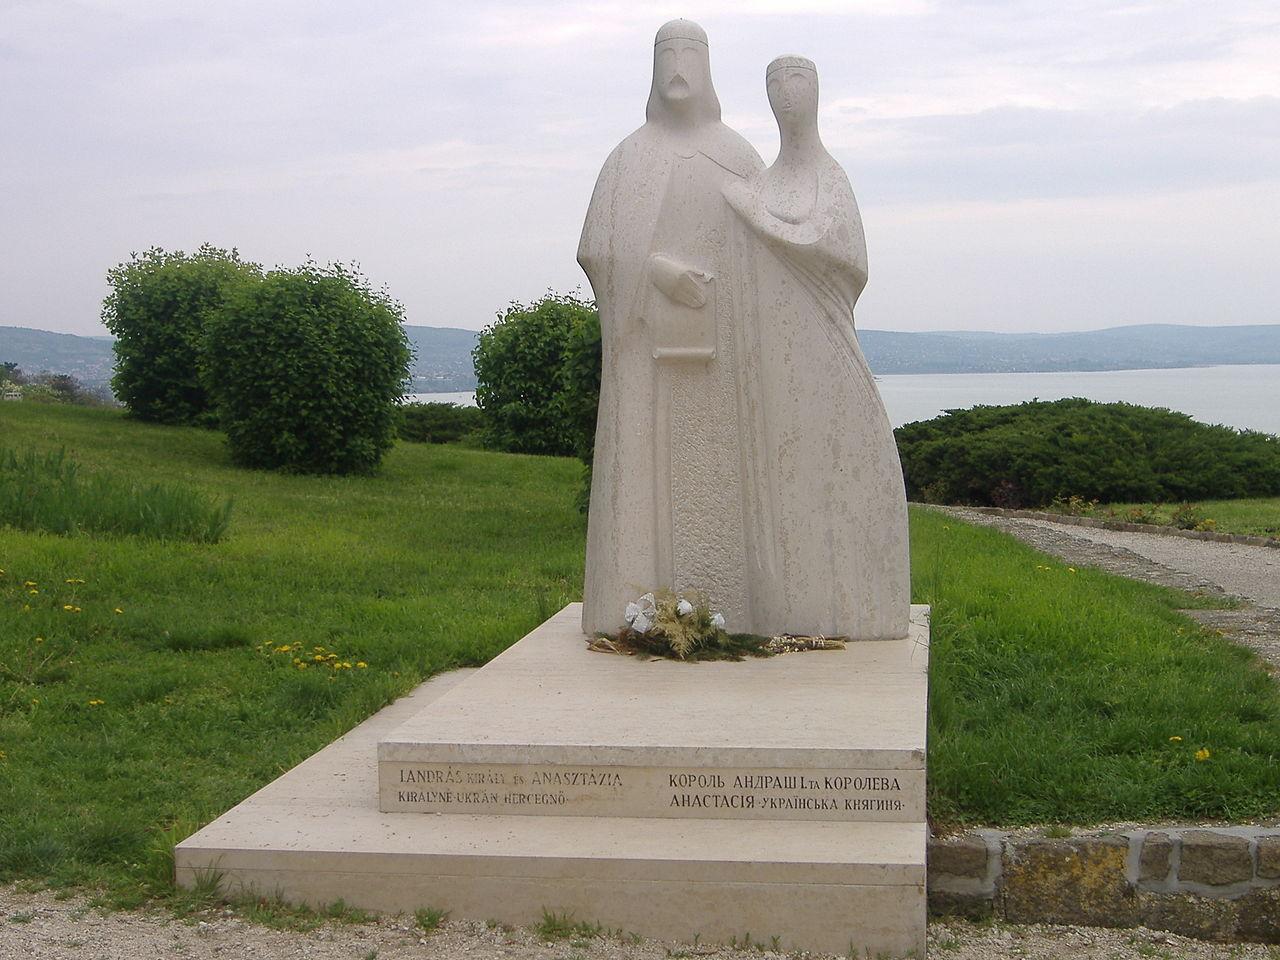 Памятник Андрашу и Анастасии Ярославне. ru.wikipedia.org.